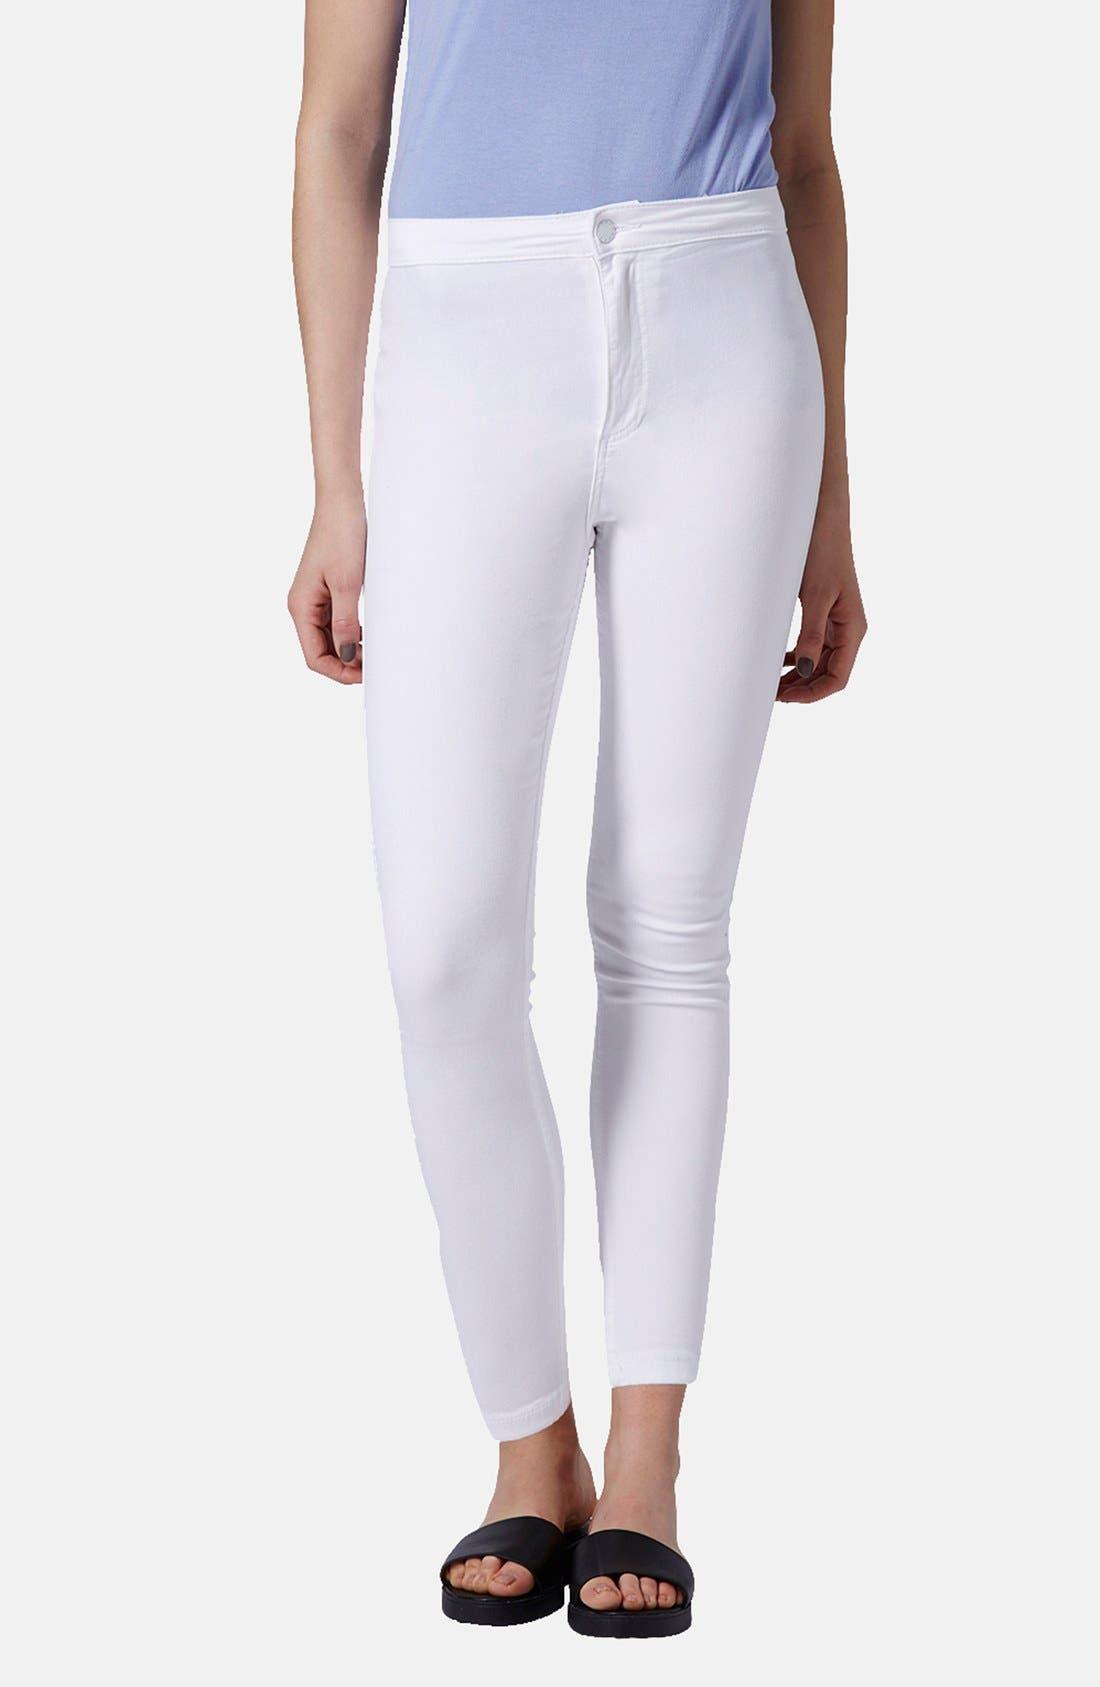 Main Image - Topshop Moto 'Joni' High Rise Skinny Jeans (Petite)